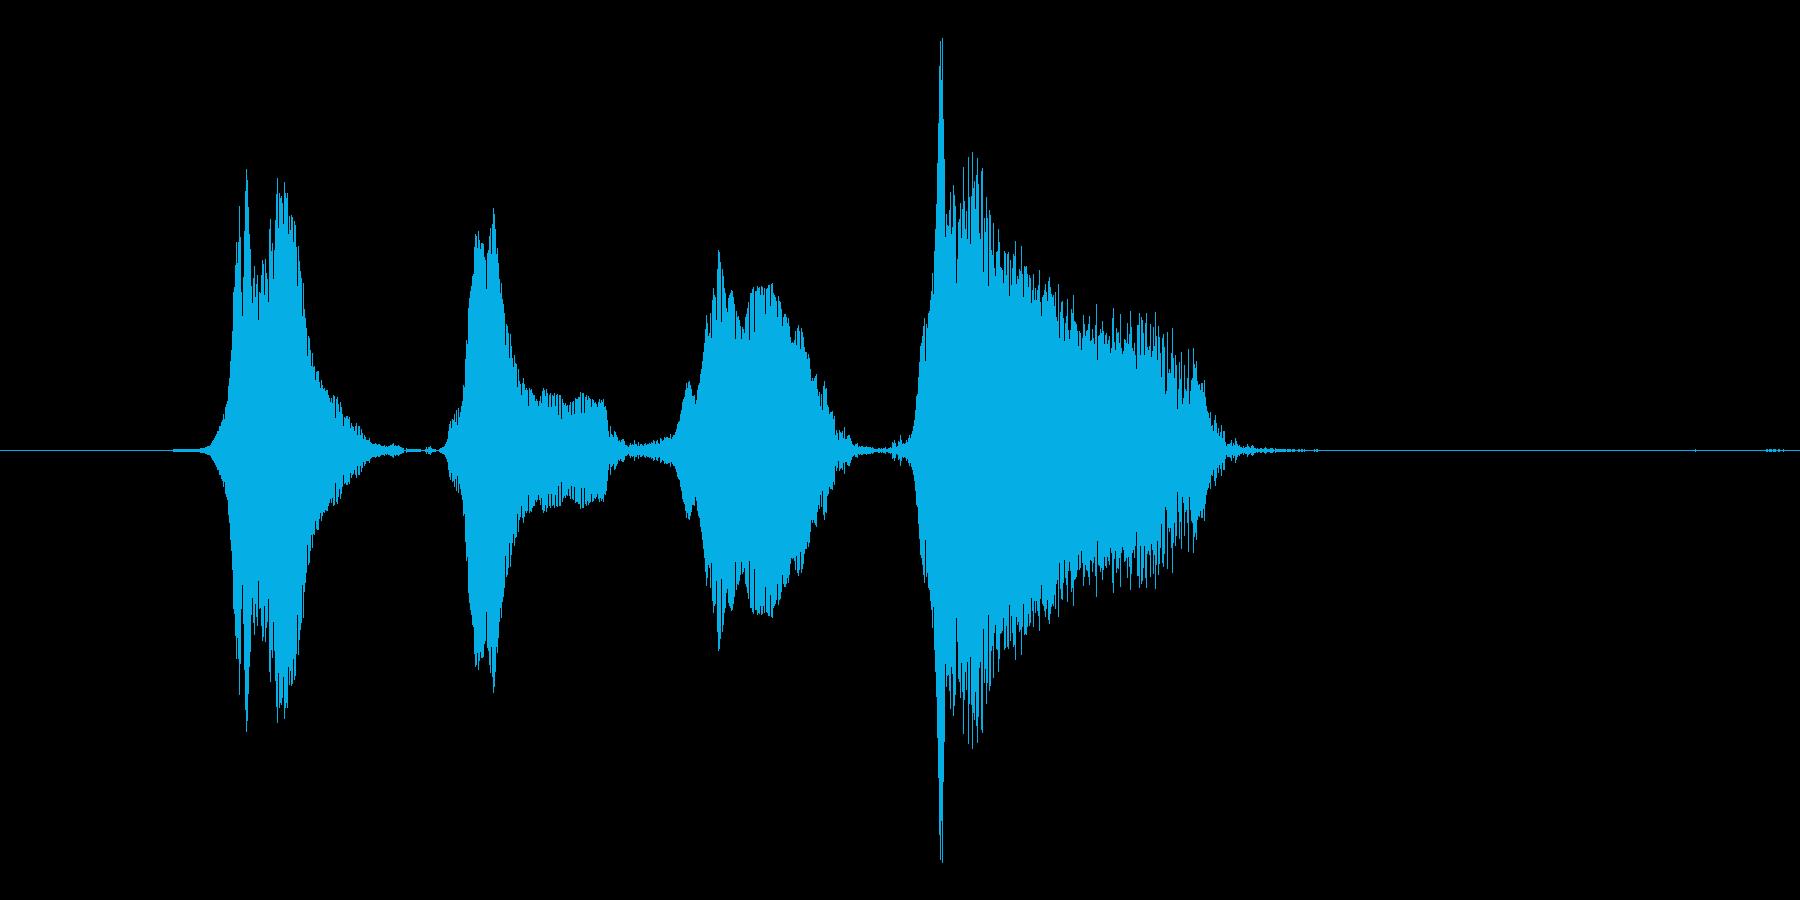 ワンツースリーフォー!の再生済みの波形